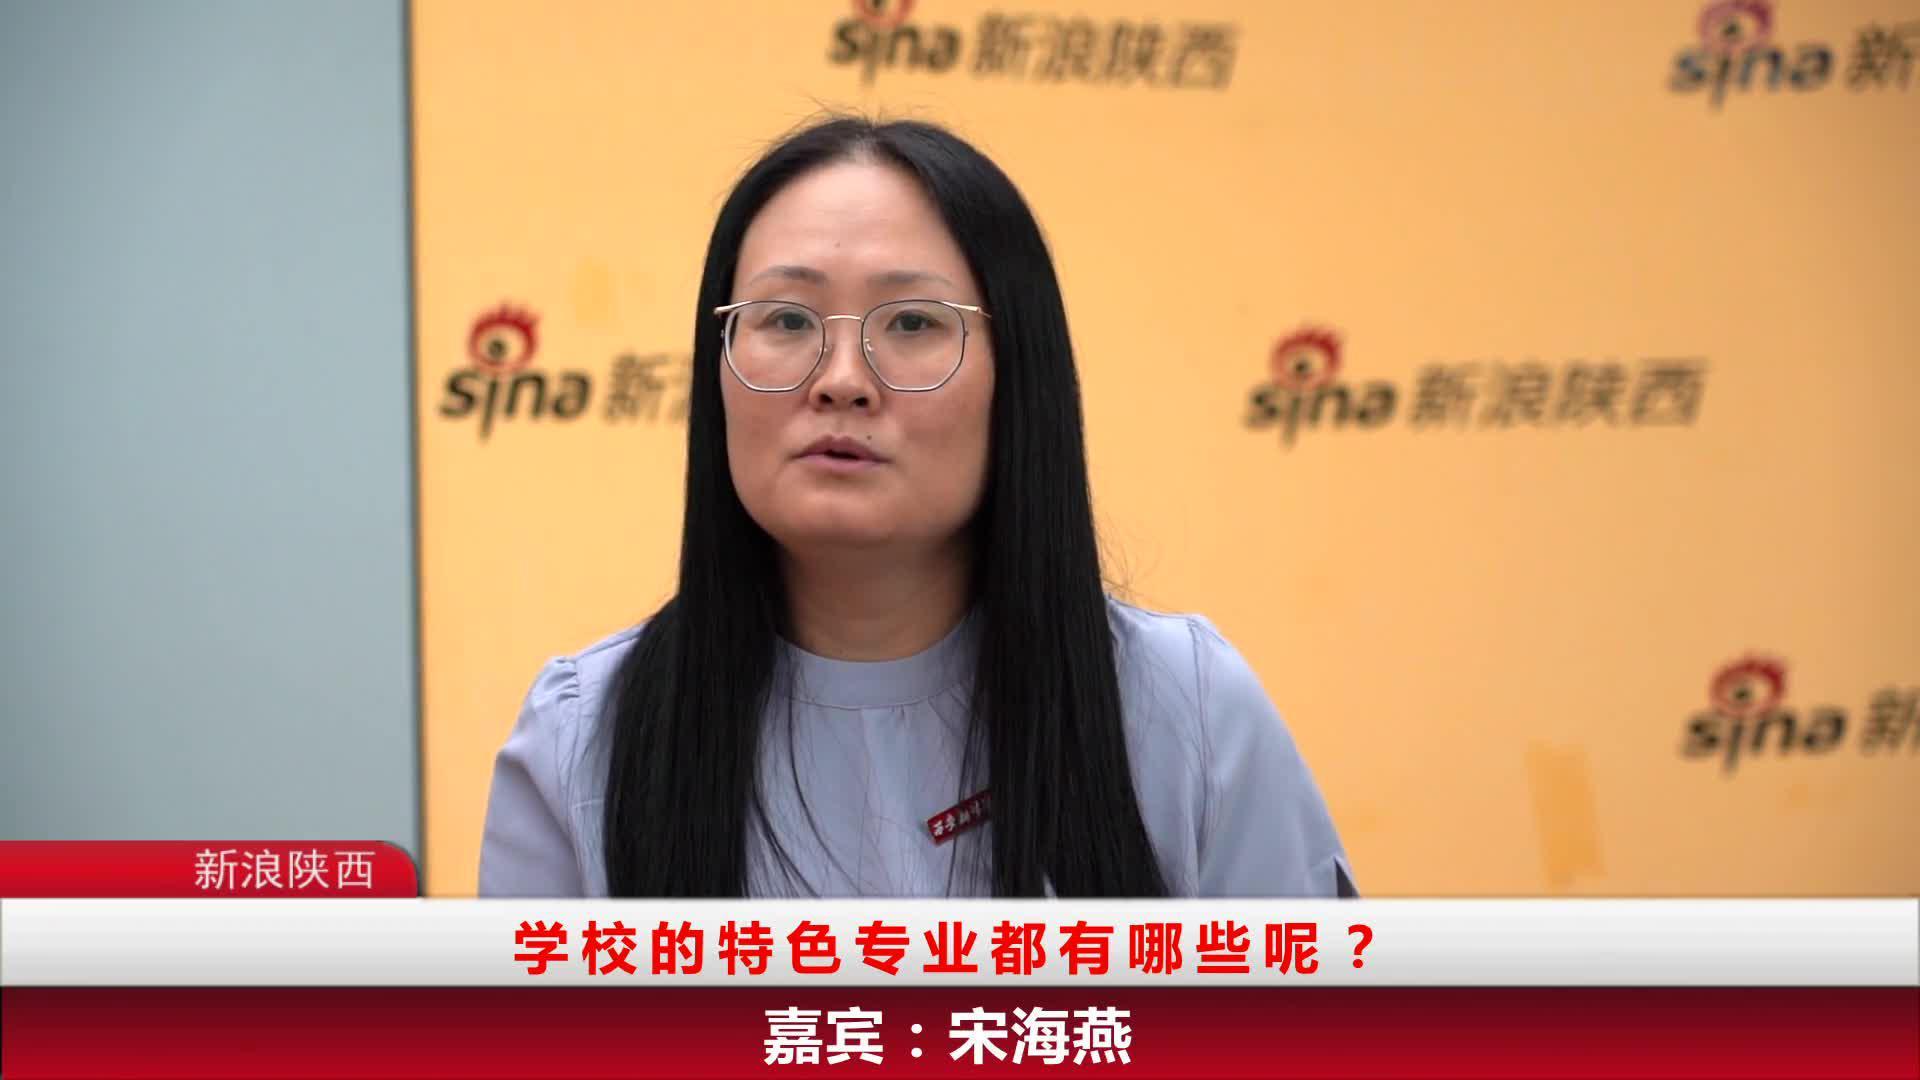 新浪陕西专访西安翻译学院招生处副处长宋海燕